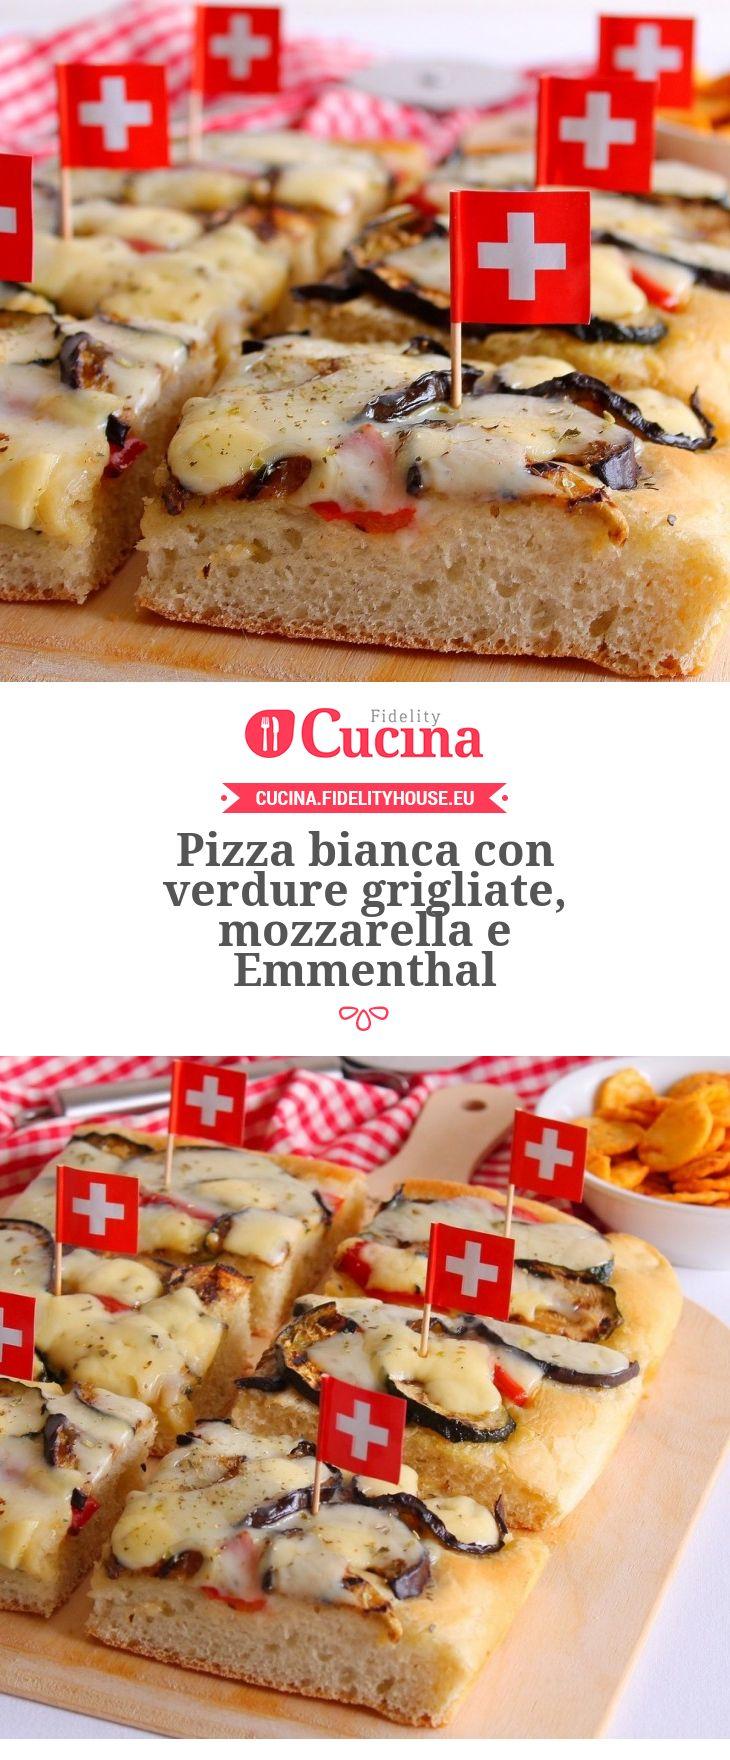 #Pizza bianca con #verdure grigliate, #mozzarella e #Emmenthal della nostra utente Giovanna. Unisciti alla nostra Community ed invia le tue ricette!